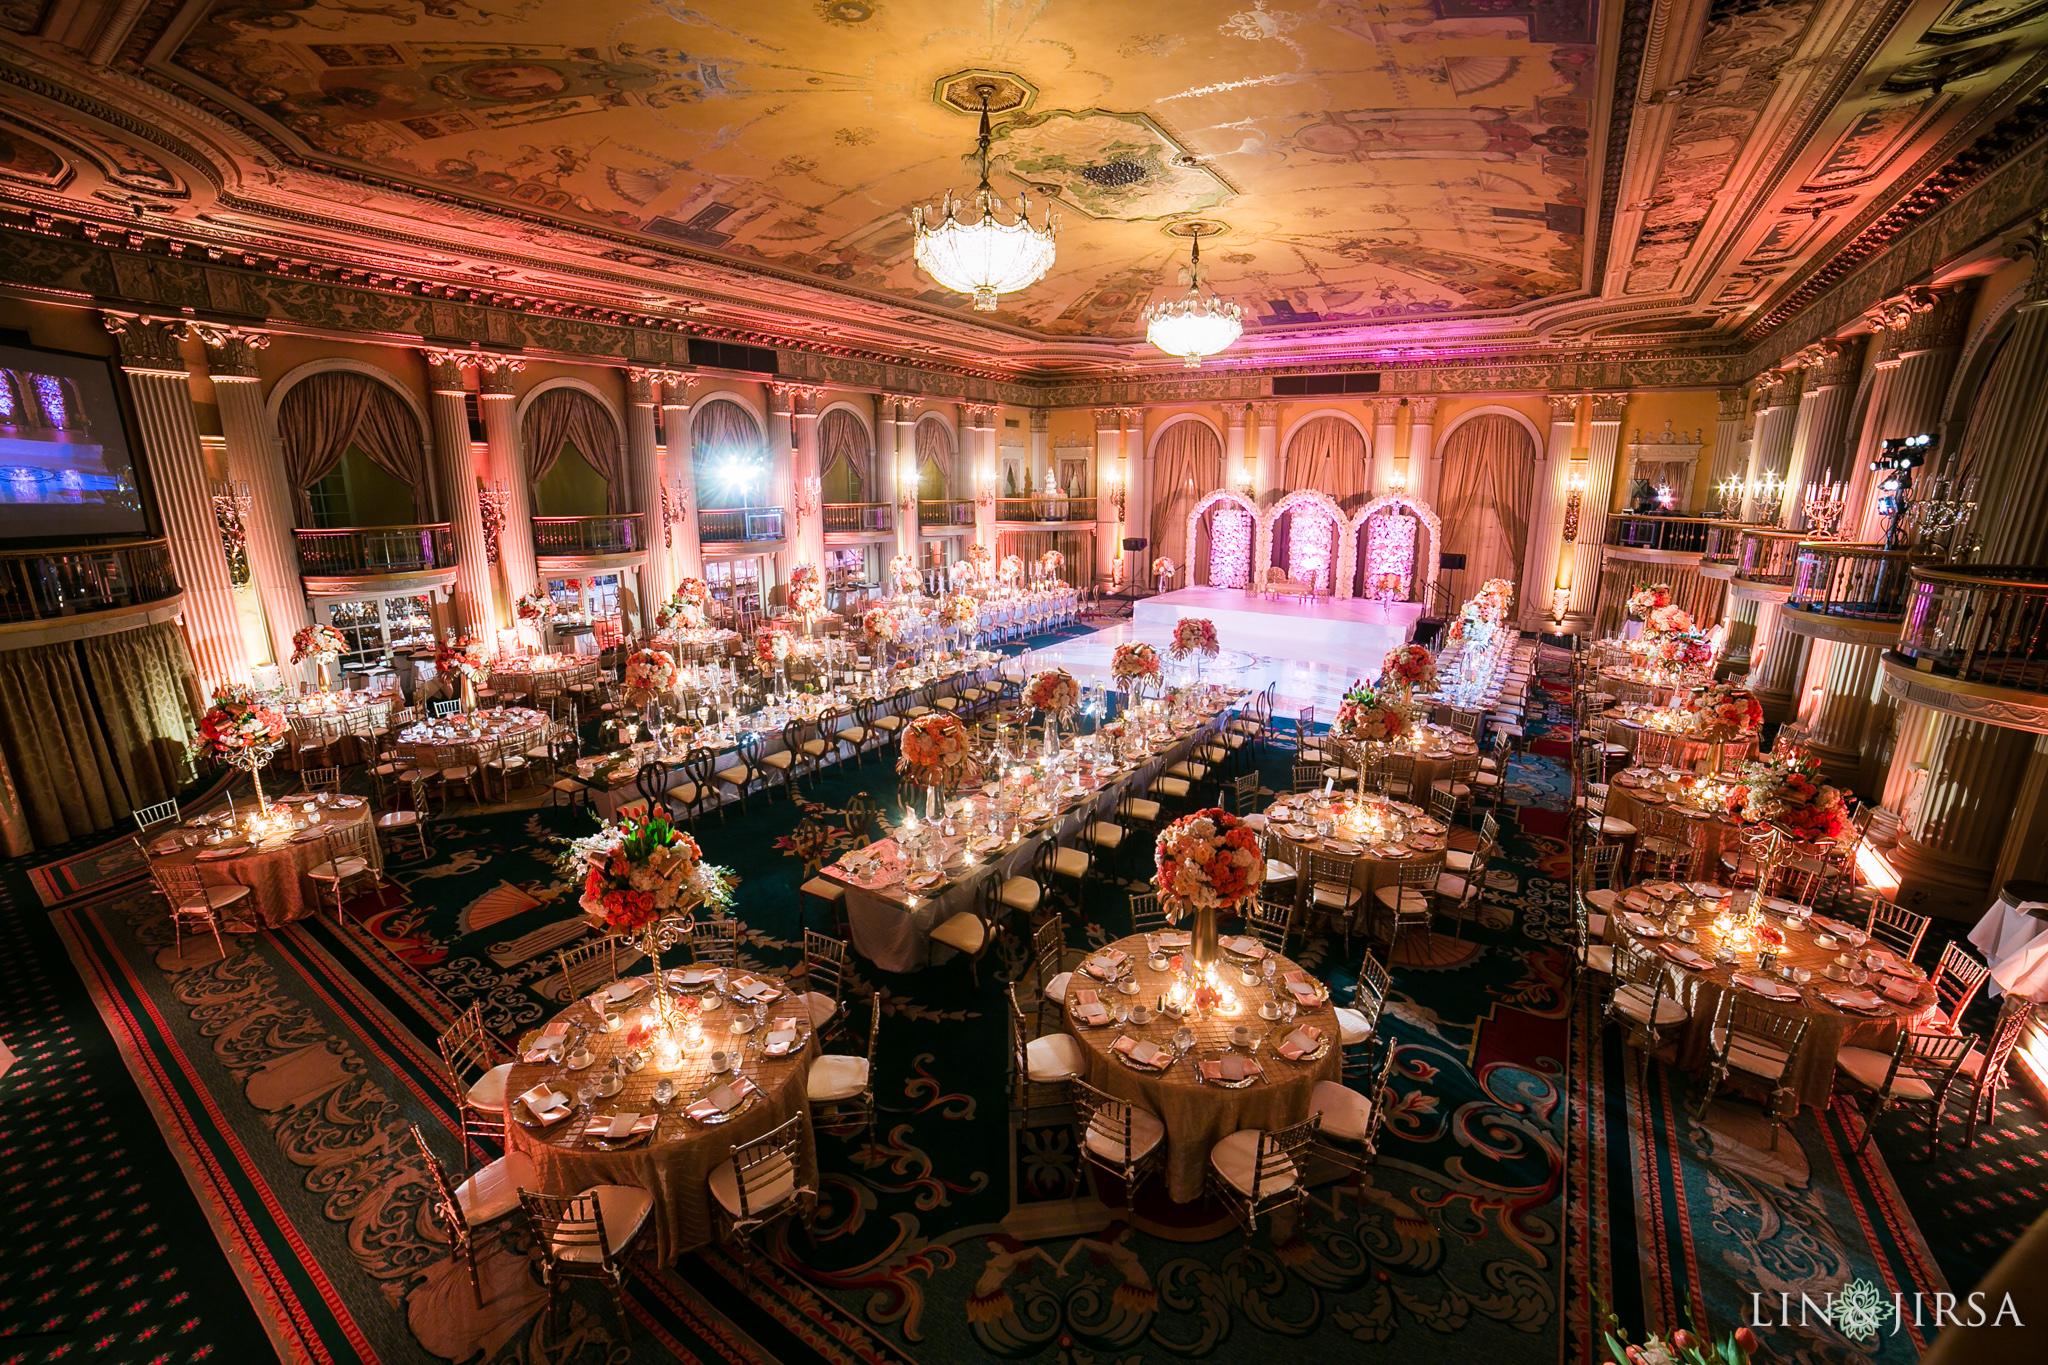 16-biltmore-hotel-los-angeles-wedding-reception-photography